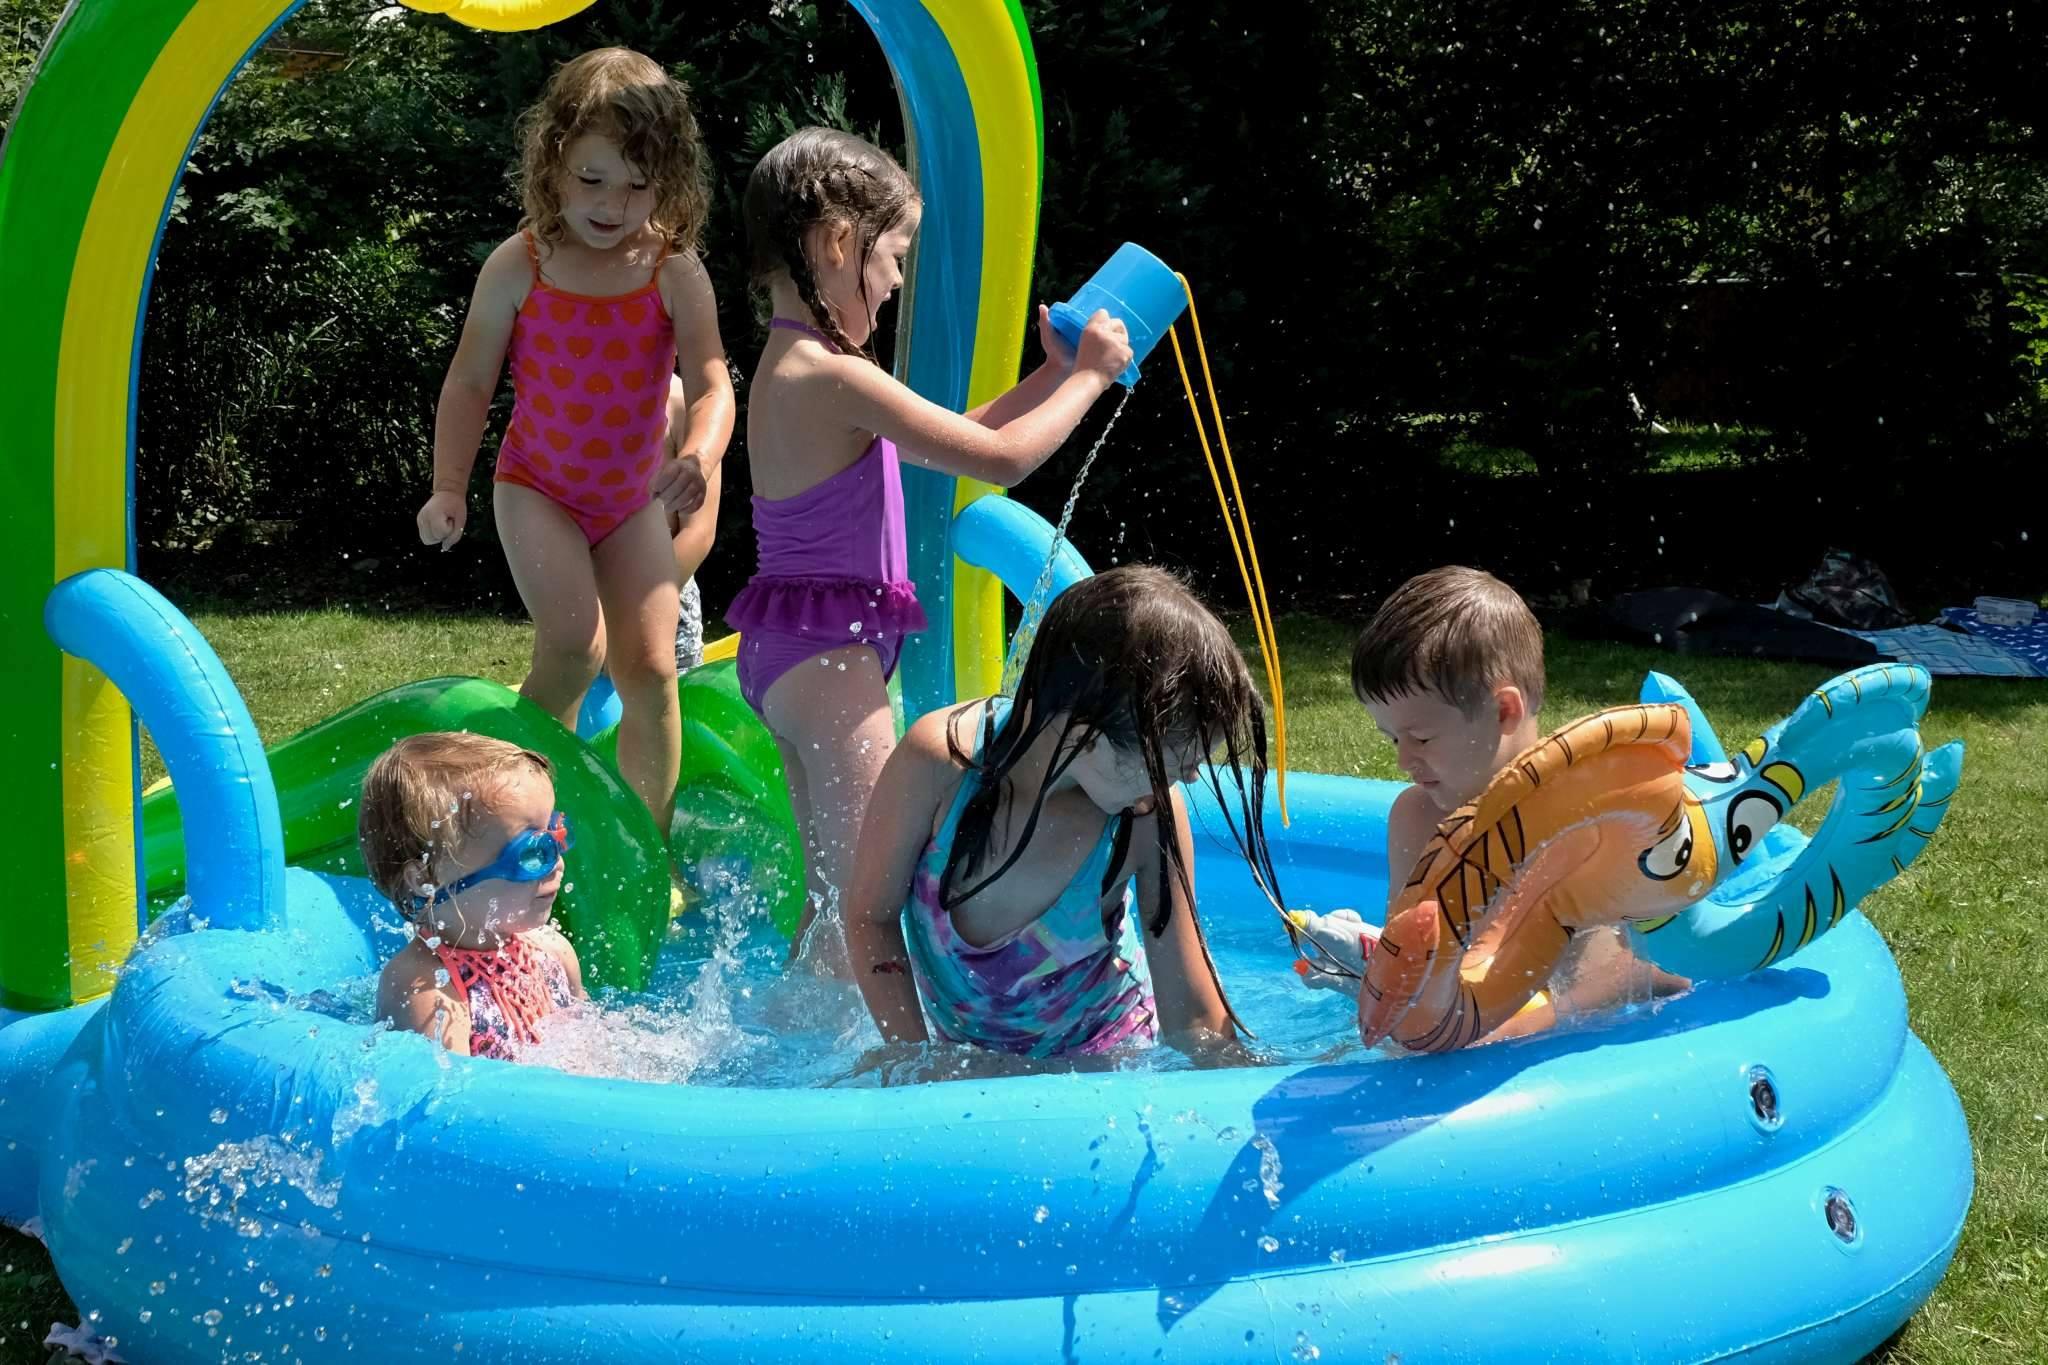 letní zábava u vody